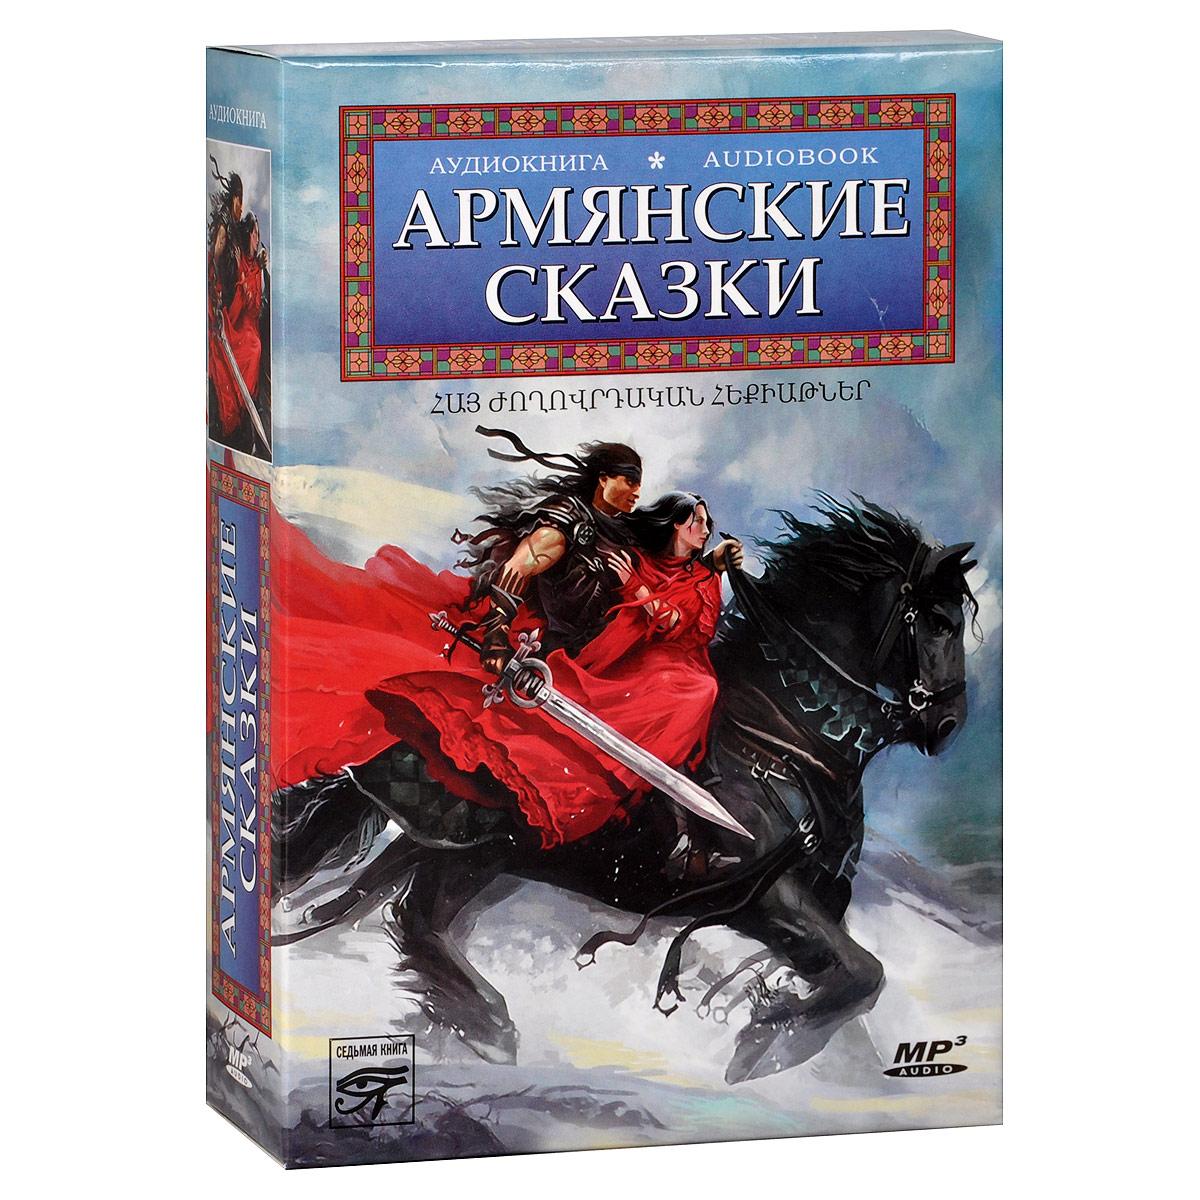 Армянские сказки (аудиокнига MP3 на 2 CD)12296407Основой единства армянской культуры послужила историческая судьба страны. Армения, расположенная на скрещении путей между Востоком и Западом, была постоянным местом столкновений между великими империями древности и средневековья. Рим, Иран, Византия, арабы, сельджуки, монголы проходили через Армению, надолго, иногда на столетия, прерывая ее культурное развитие, покрывая землю дымящимися развалинами. Вопреки всем, противостоя каждому из мощных пришельцев, народ сохранял верность своей культуре. Наряду с языком, письменностью и верой, народное творчество было одним из столпов, опираясь на которые, можно было выстоять. В ваших руках – истории добра, любви и надежды. Послушайте старинные армянские сказки всей семьей, и вы почувствуете, как мир и покой снисходят на ваш кров. Мир вашему дому!